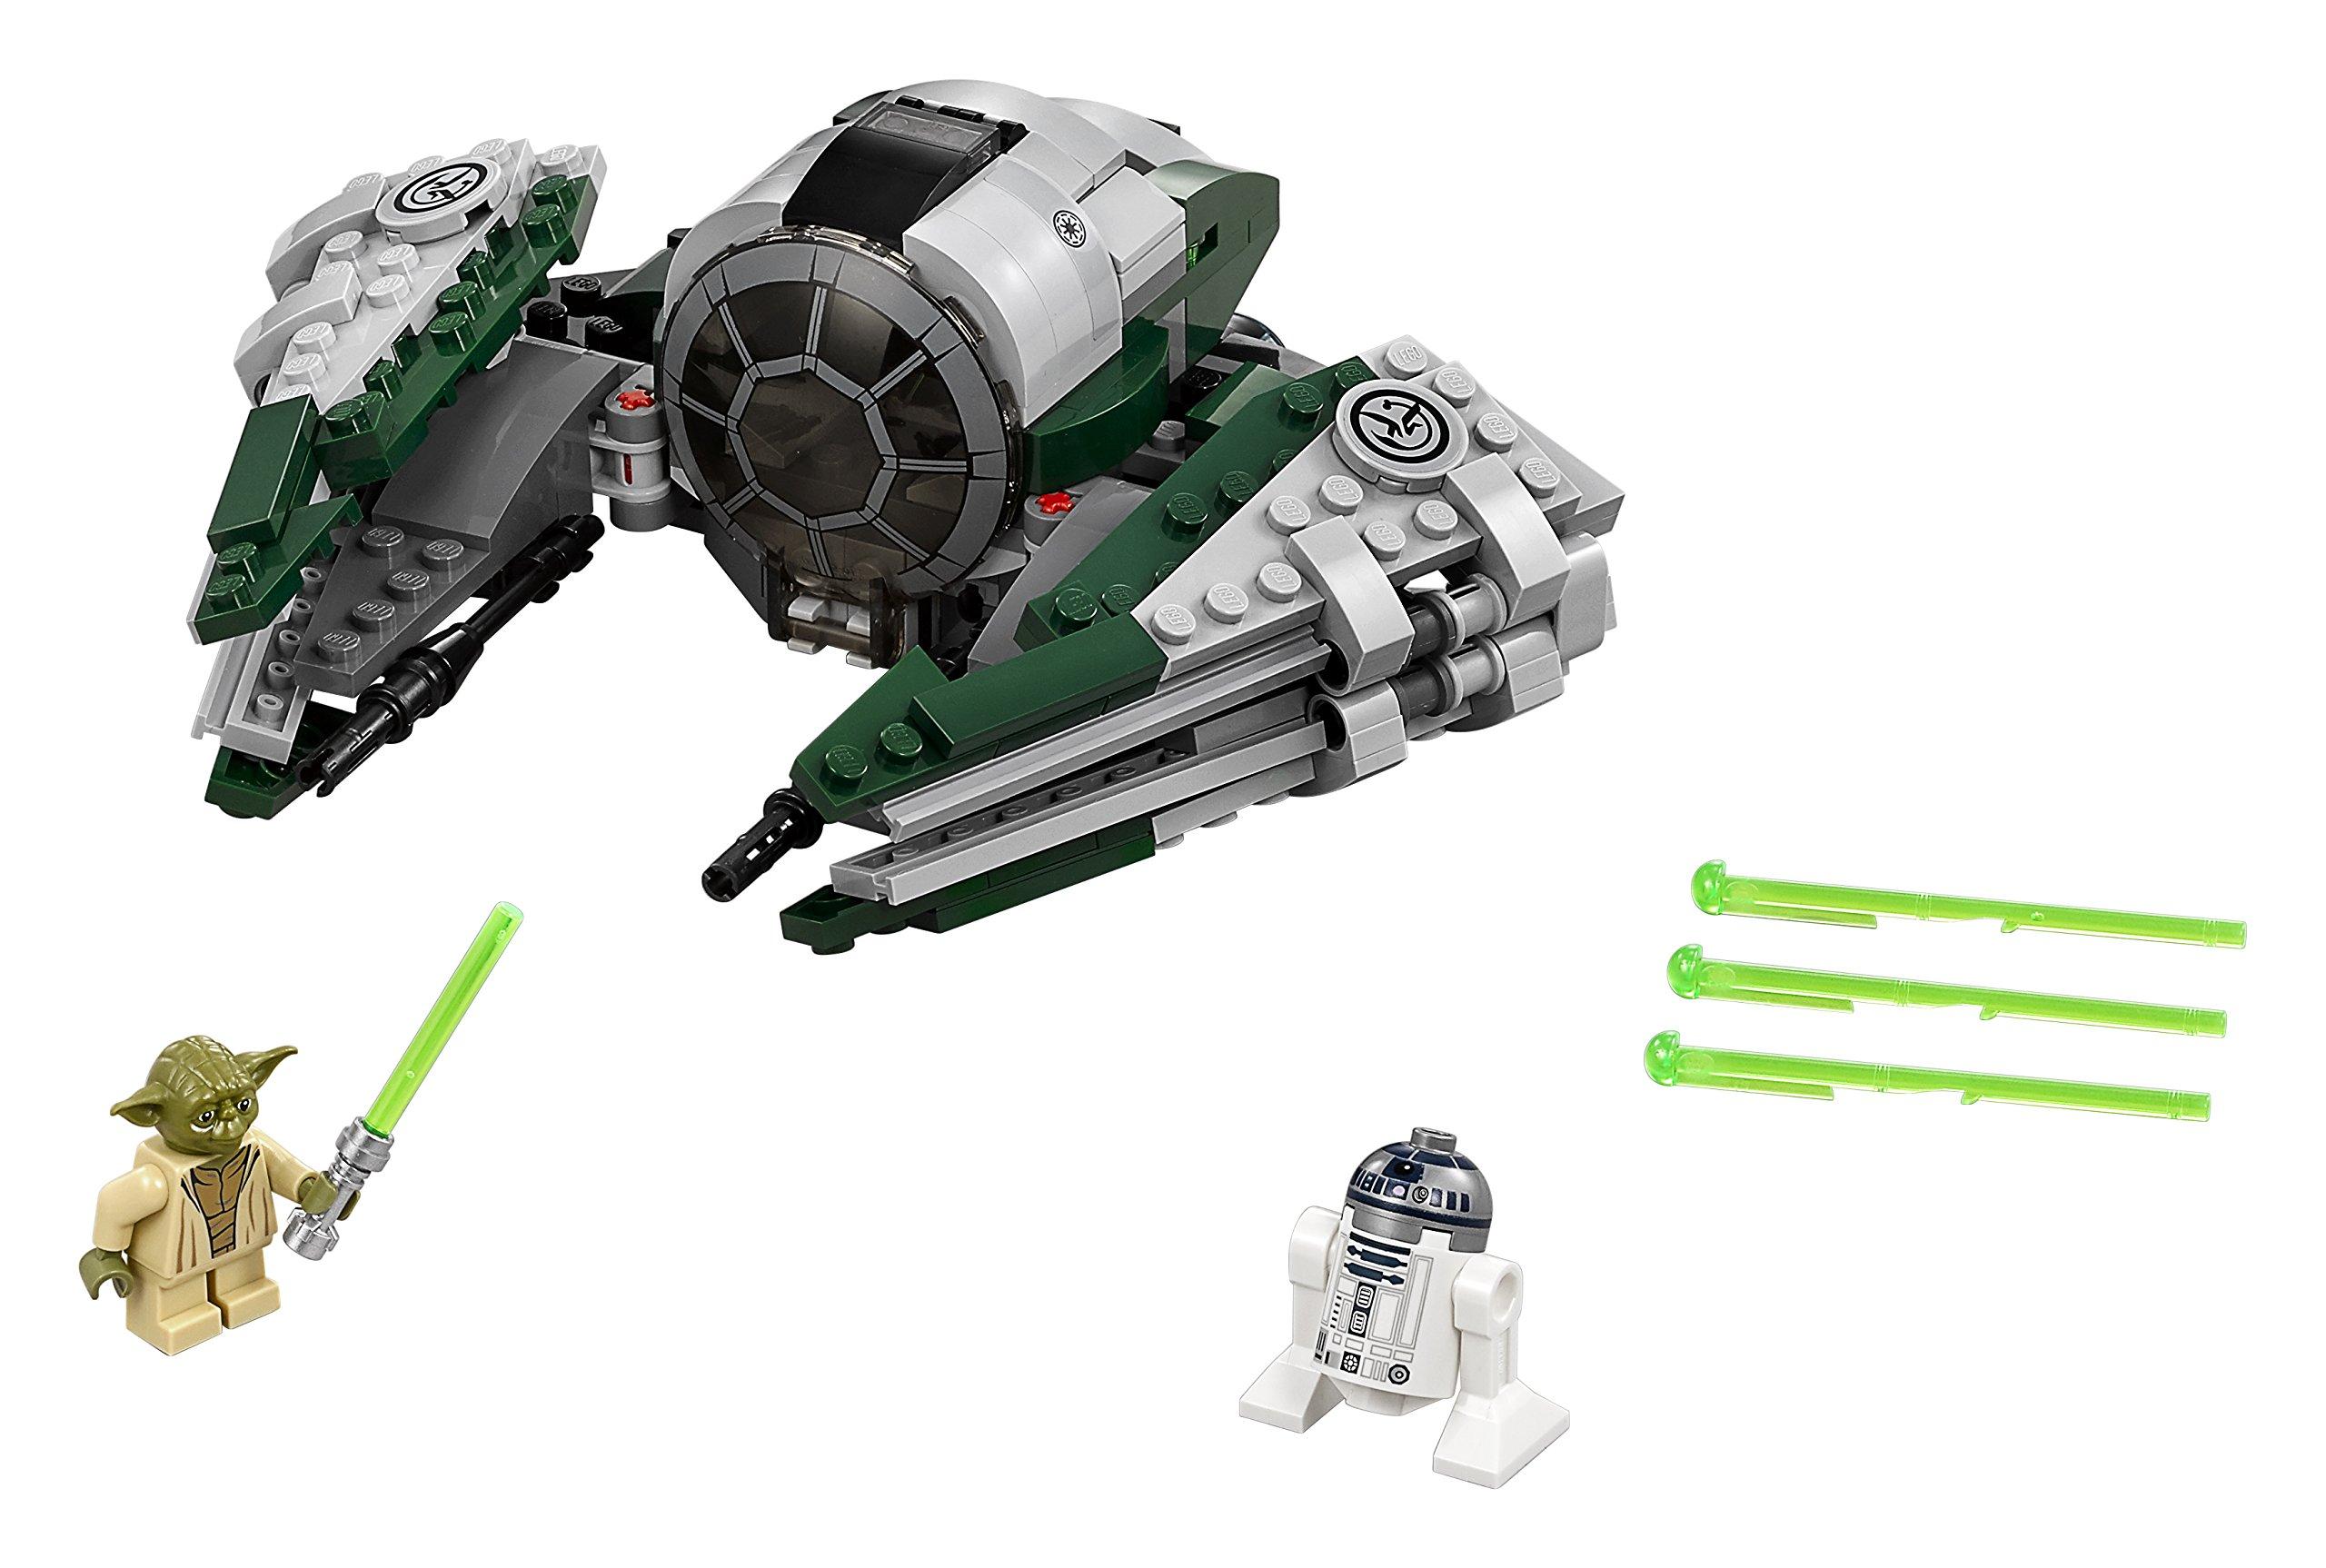 LEGO- Star Wars Jedi Starfighter di Yoda Costruzioni Piccole Gioco Bambina, Multicolore, 75168 3 spesavip